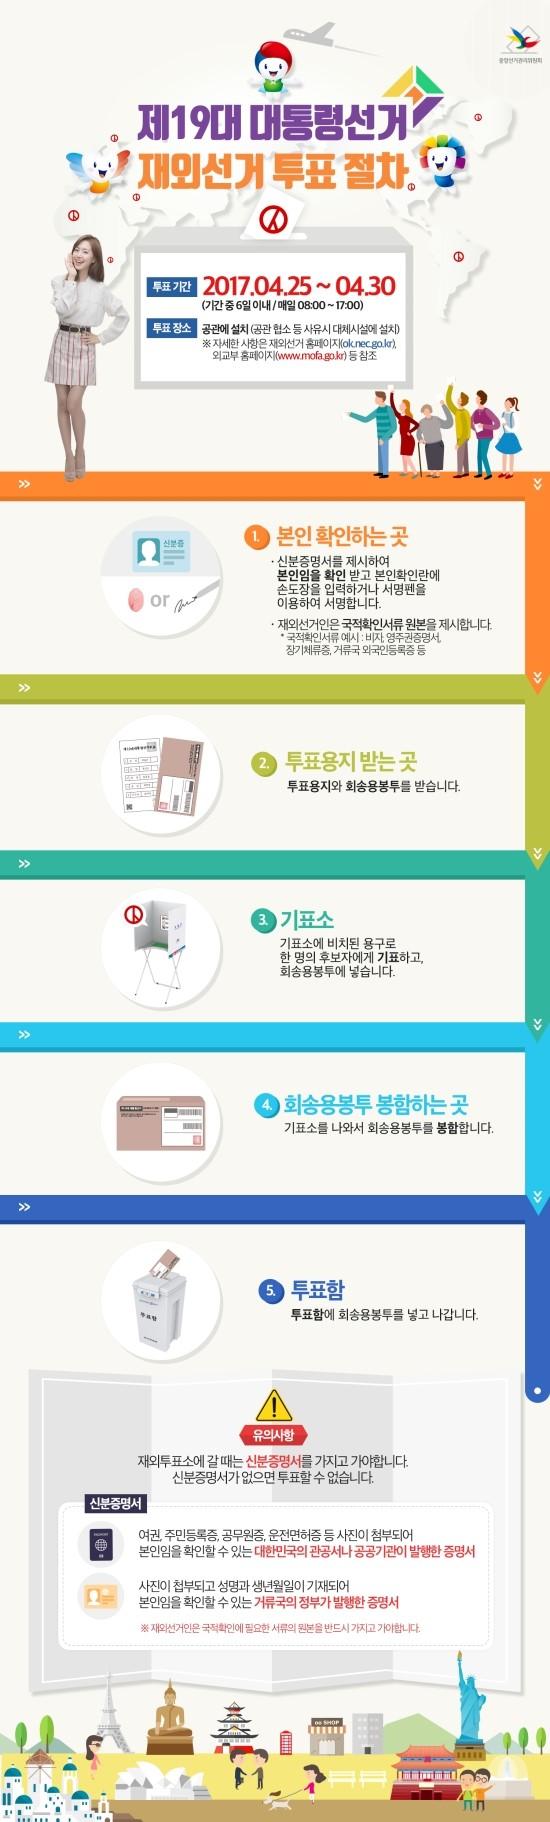 170424_선관위_인포_재외선거투표절차(수정1).jpg